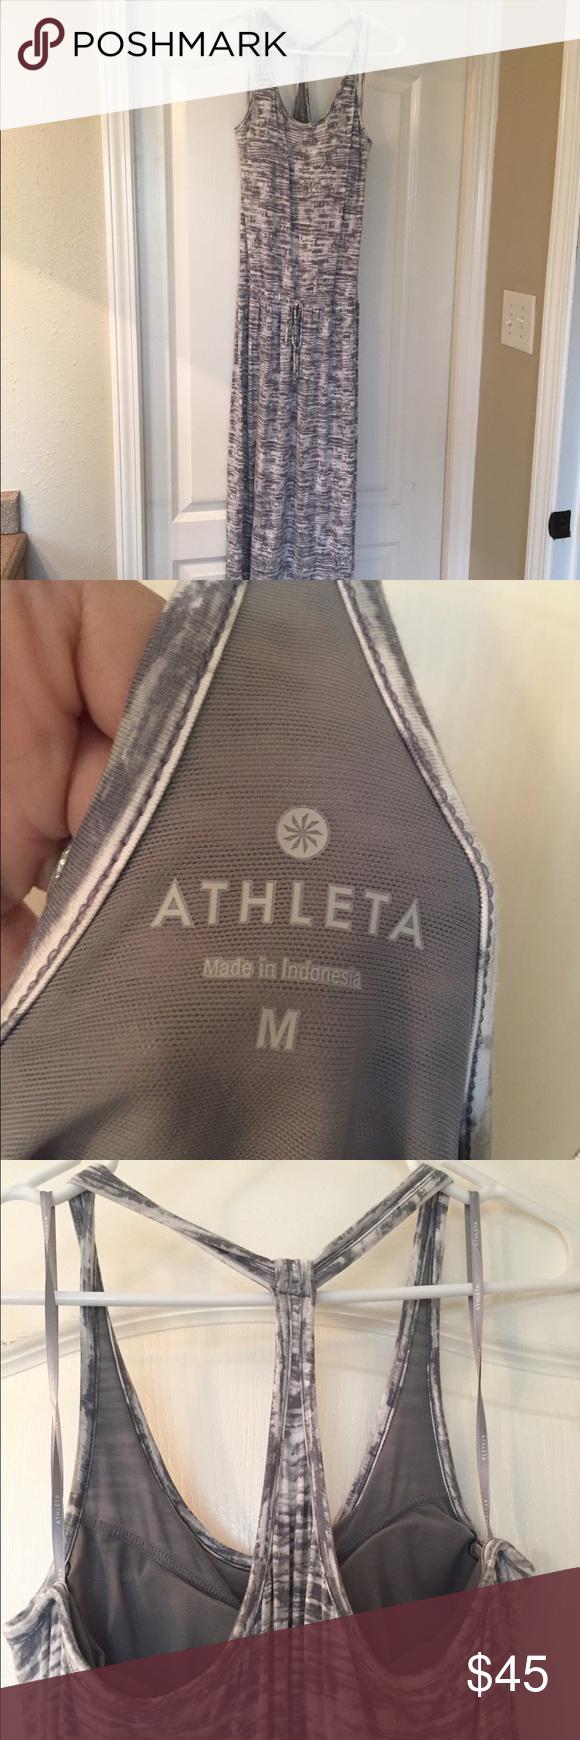 Athleta Grey And White Maxi Dress Size Medium White Maxi